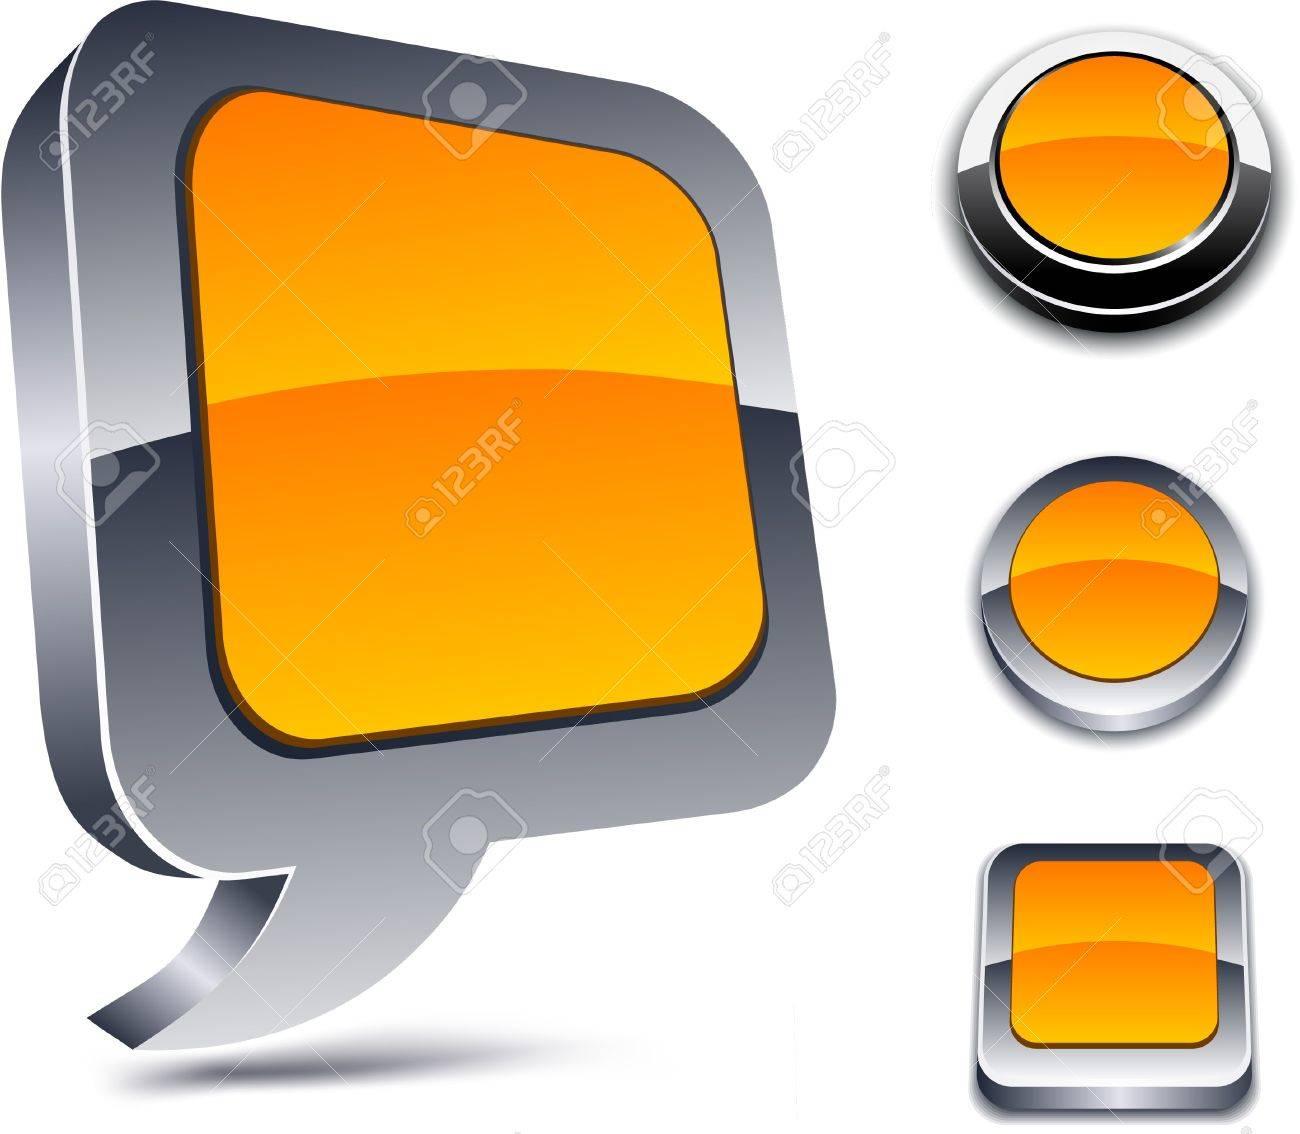 Metallic 3d vibrant orange icons. Stock Vector - 7322108